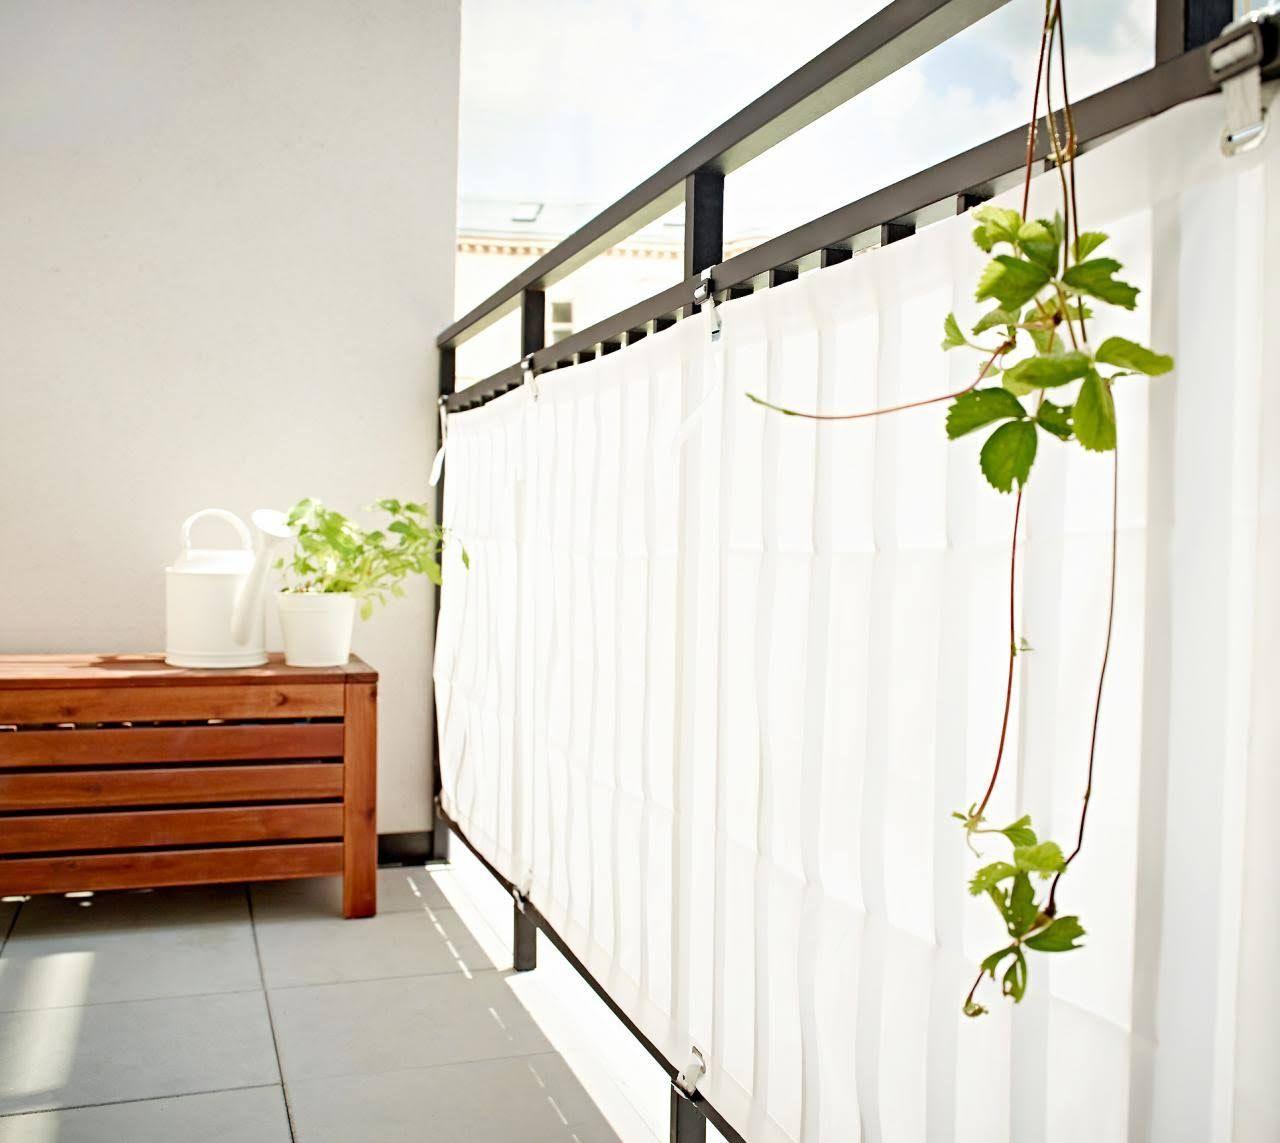 Full Size of Paravent Balkon Ikea Balkonbespannung Dyning Von Bild 10 Betten 160x200 Garten Miniküche Küche Kosten Modulküche Bei Sofa Mit Schlaffunktion Kaufen Wohnzimmer Paravent Balkon Ikea